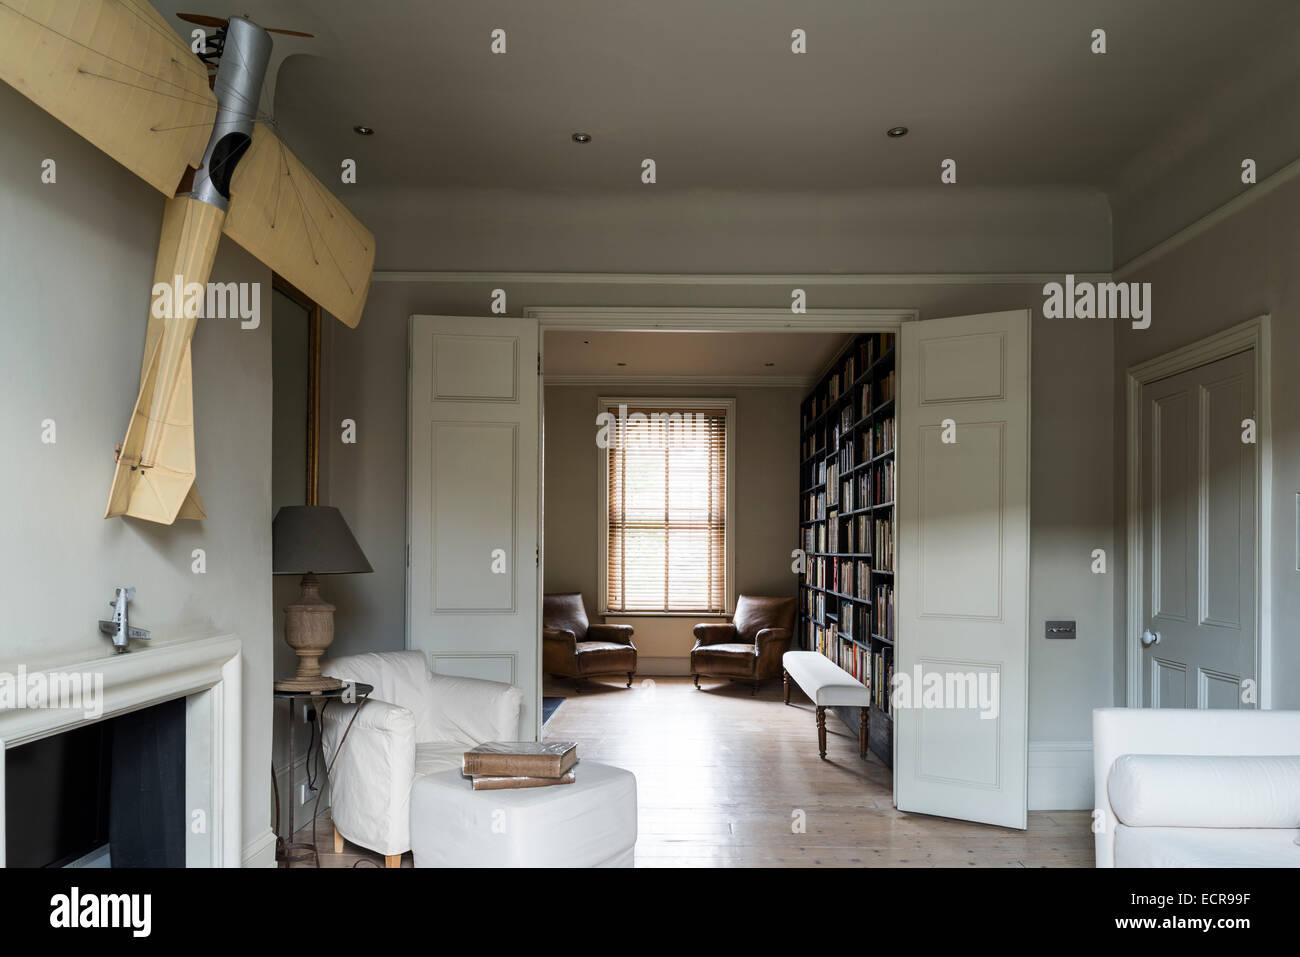 Di grandi dimensioni modello aereo appeso sopra il Camino nel salone spazioso con doppie porte e divano bianco Immagini Stock